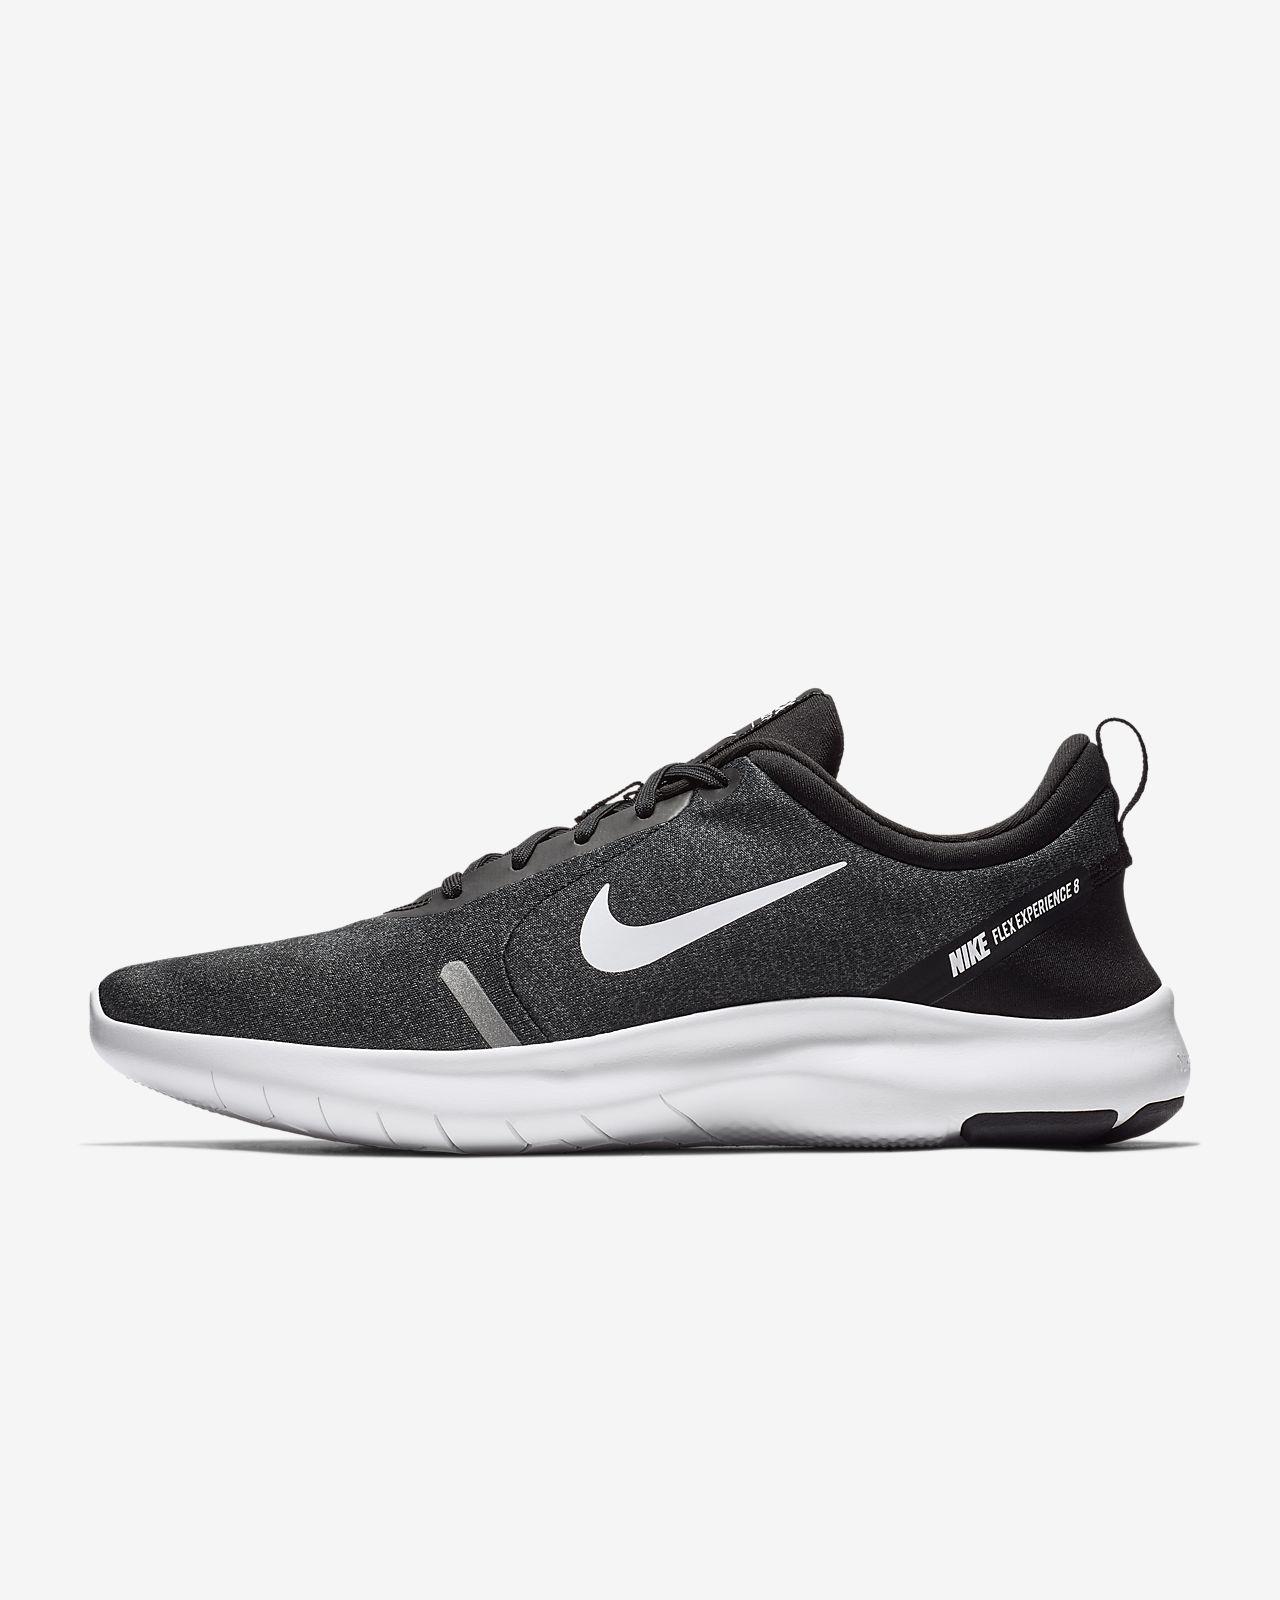 Online Nike Flex Trainer 6 Cipő Női Fehér Fekete Olcsó Árs